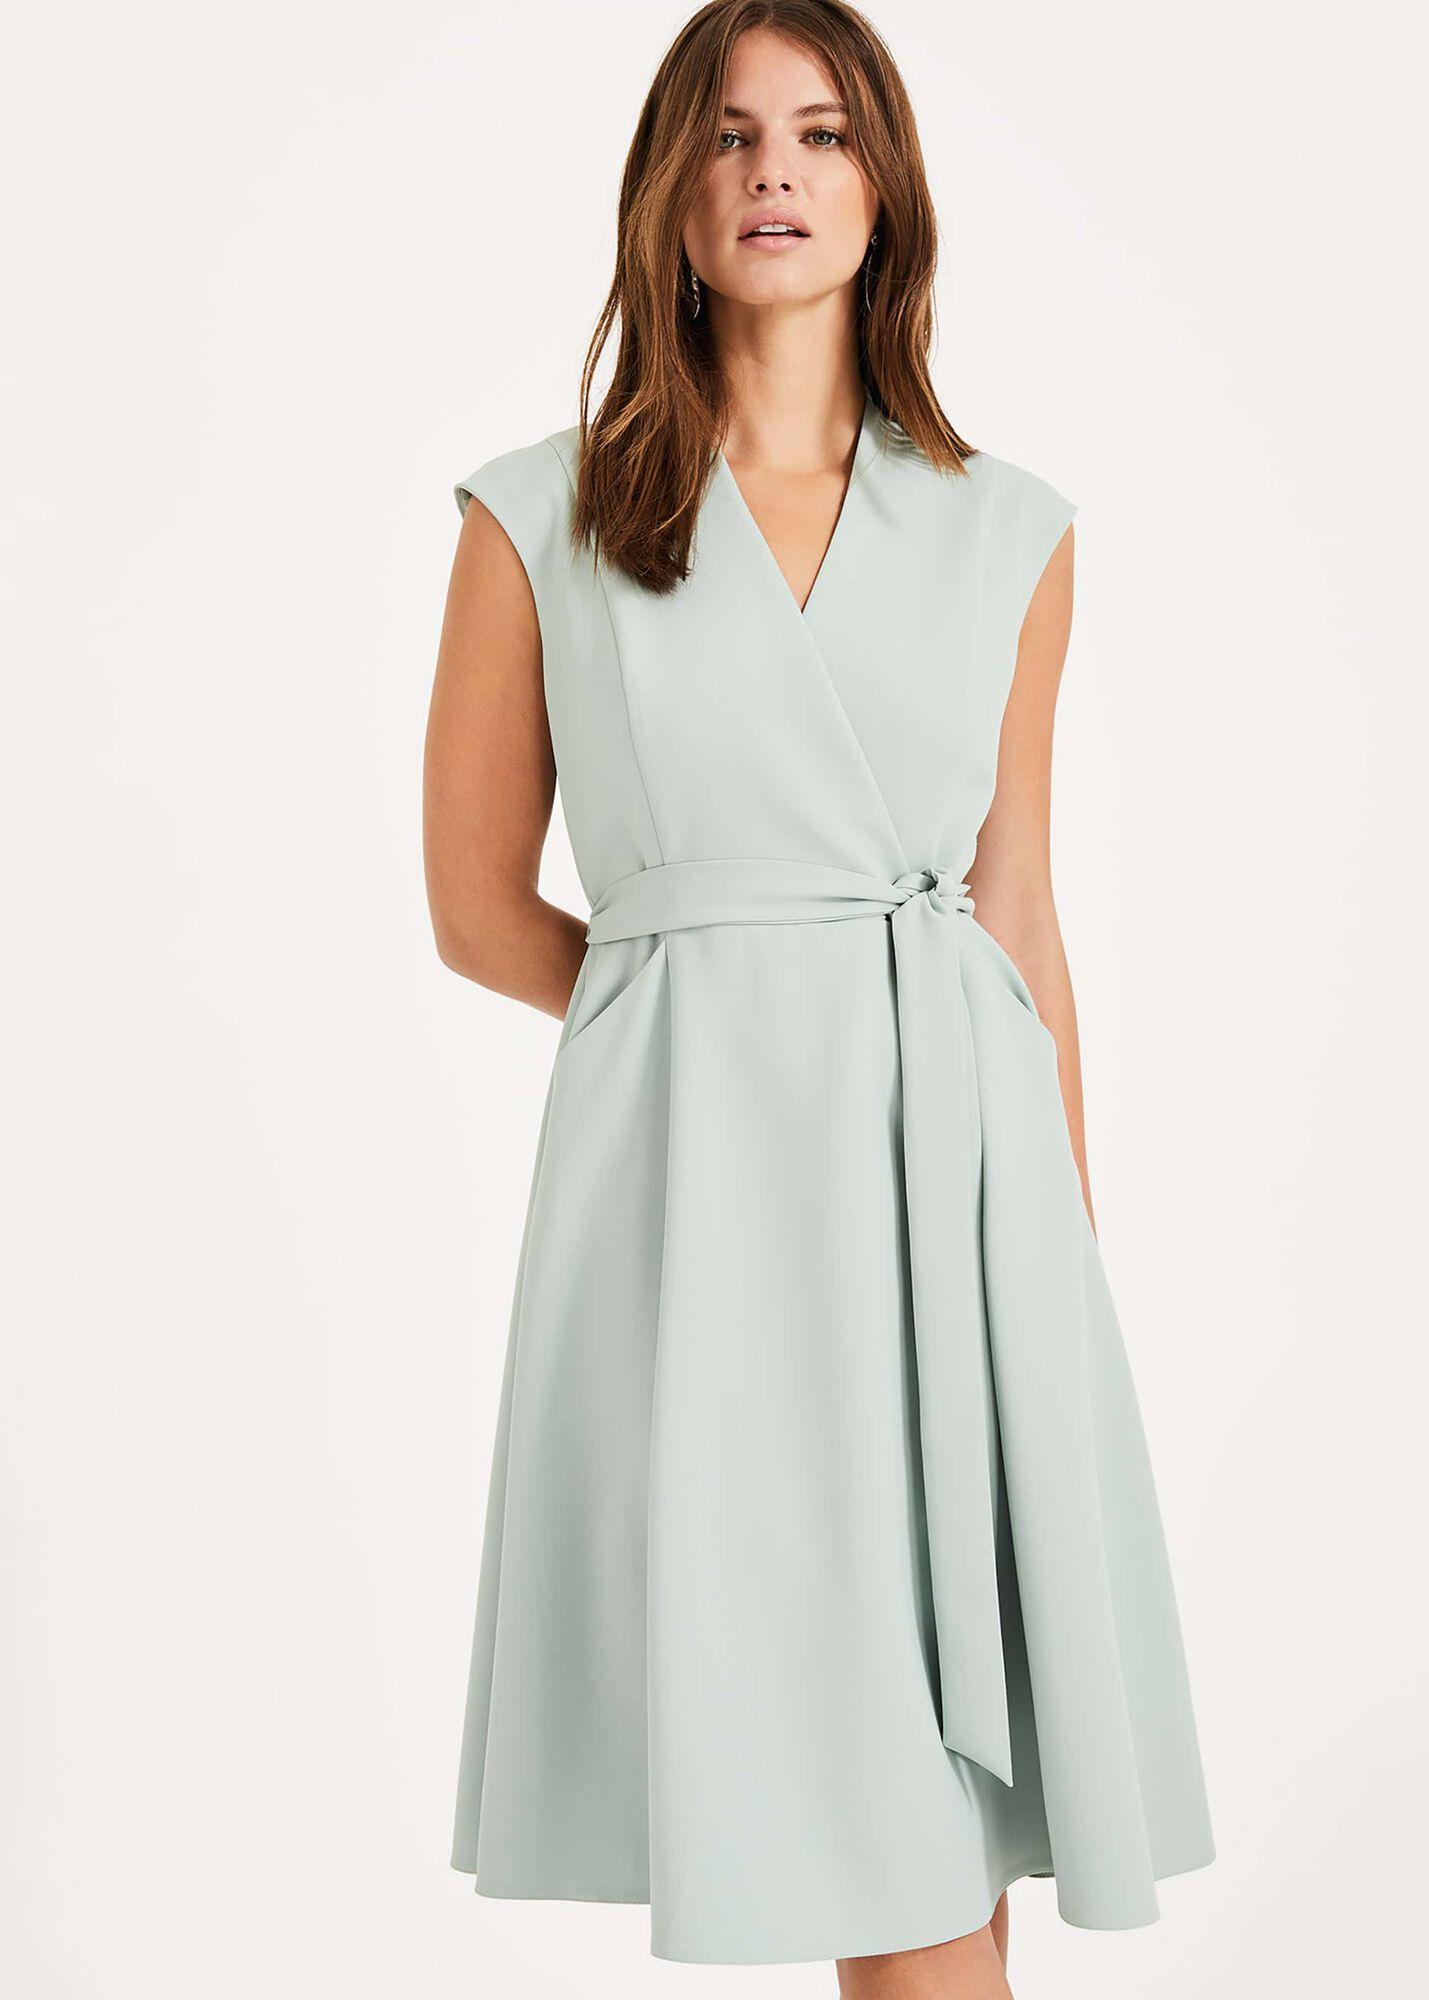 3eab3b2f0bce7 Joyce Belted Dress | Phase Eight | Phase Eight